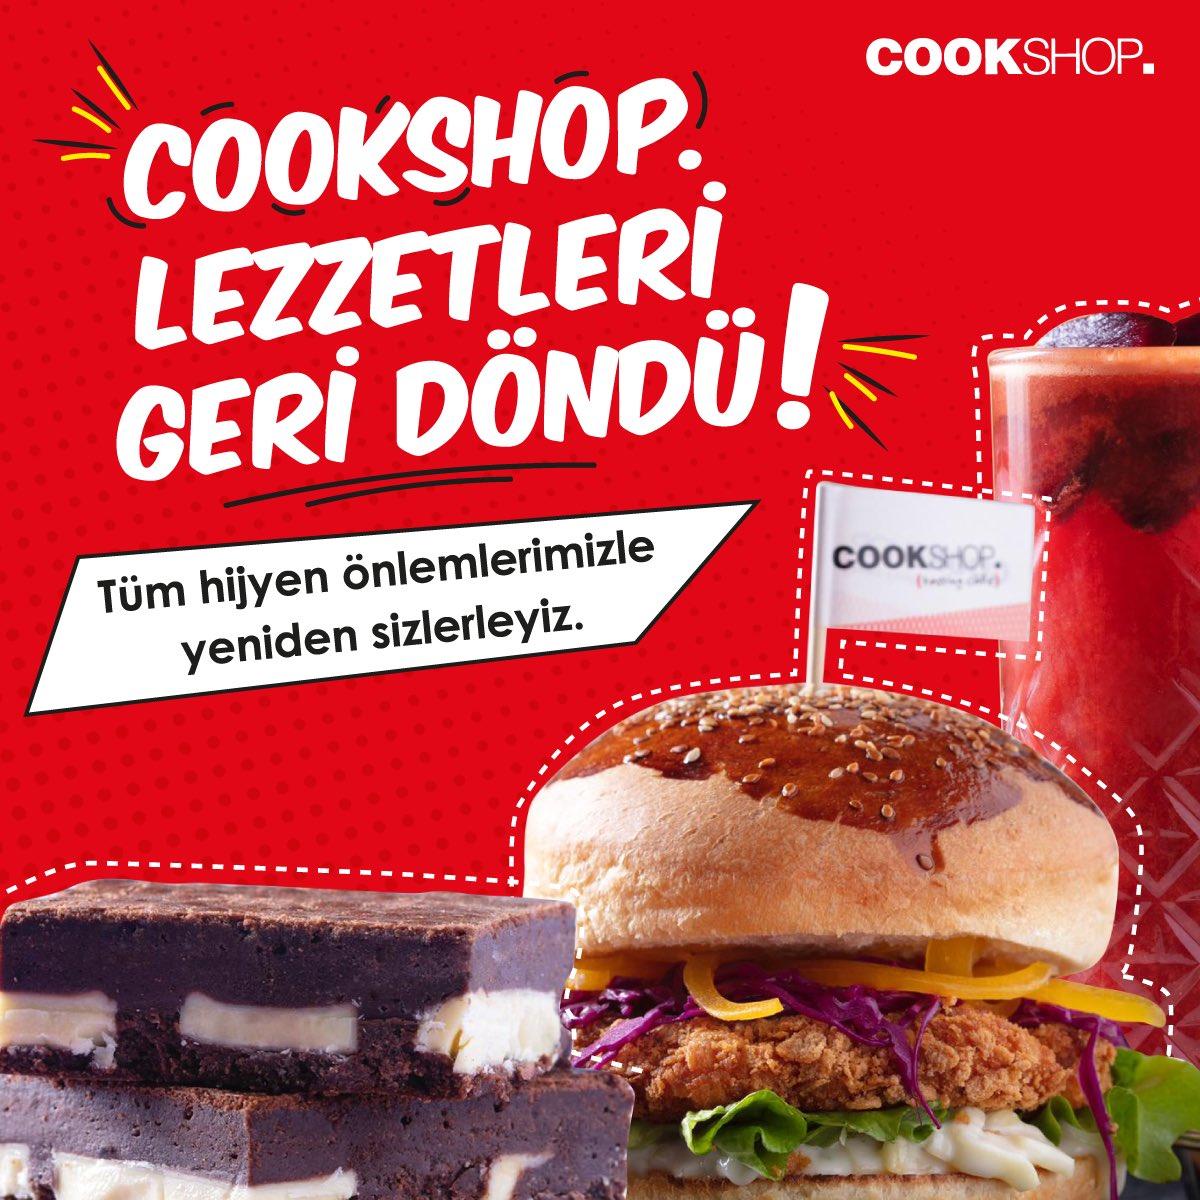 CookShop lezzetleri geri döndü!😍 Tüm hijyen önlemleri ile Gordion'da yeniden hizmetinizde!😍 #cookshop #gordionlife https://t.co/vkrHI7MYKU